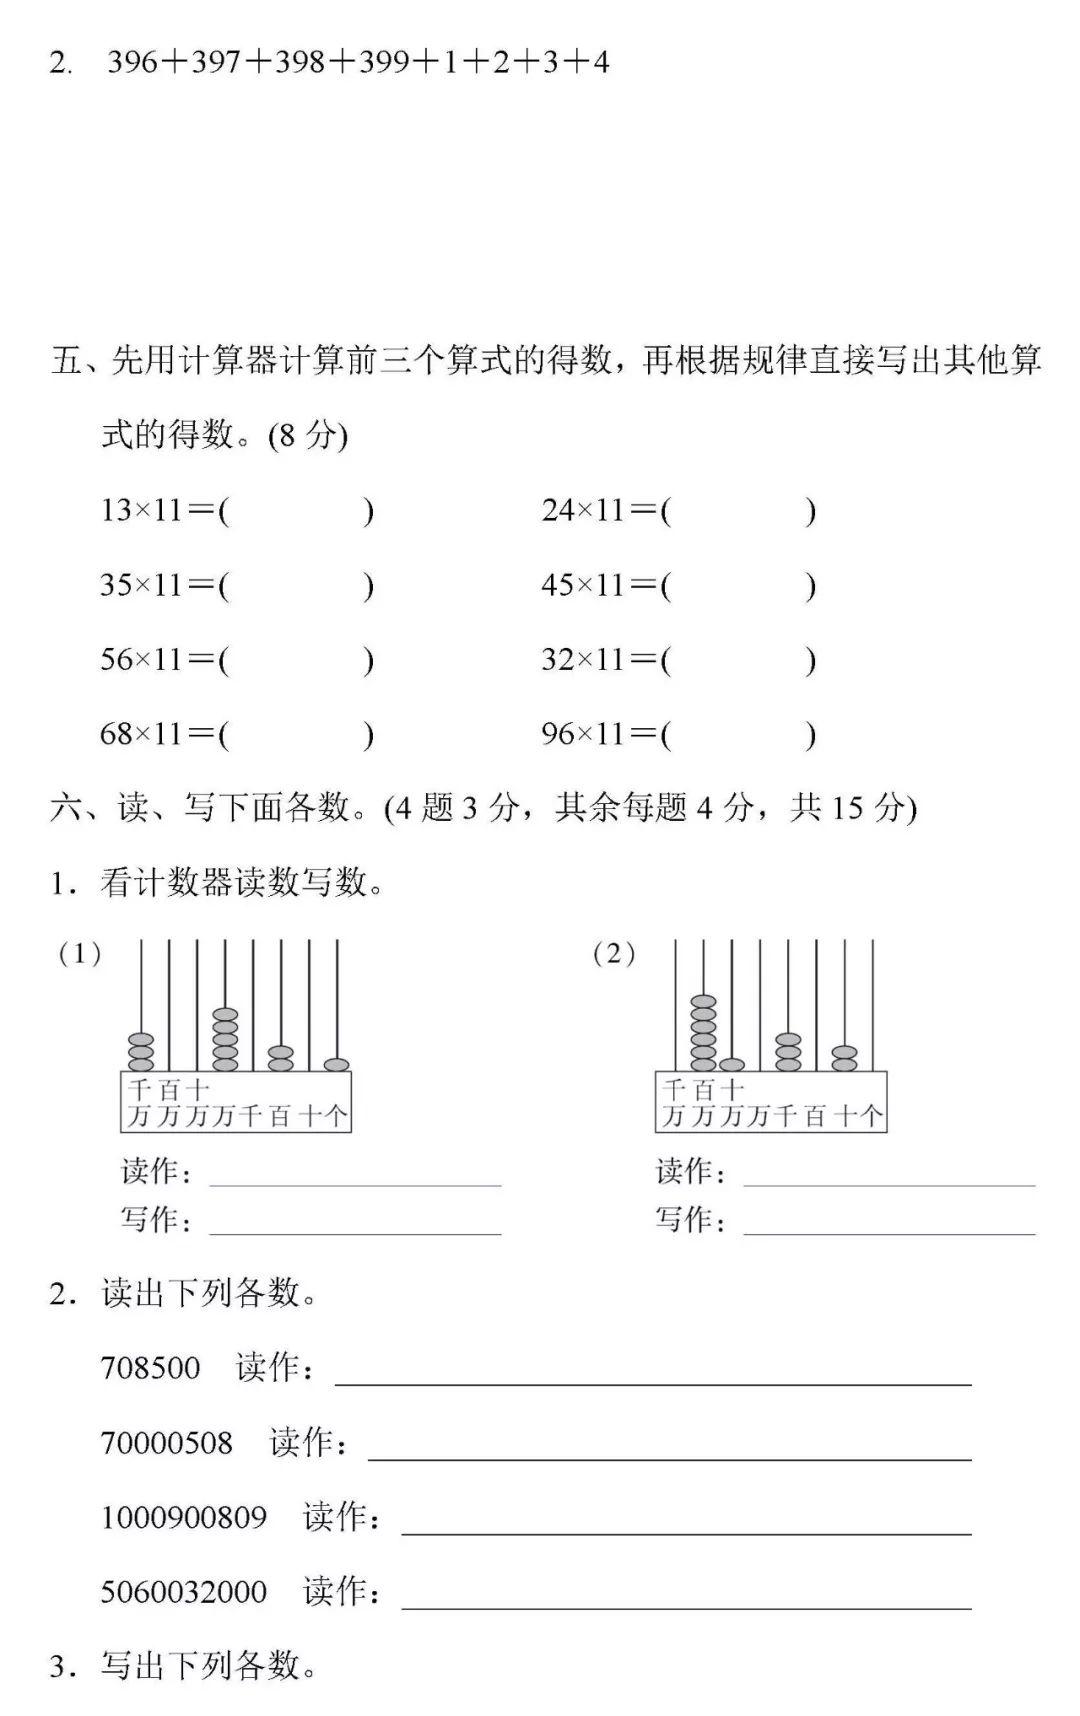 小学六年级(小升初)数学下册各单元知识点归纳与常见题型汇总